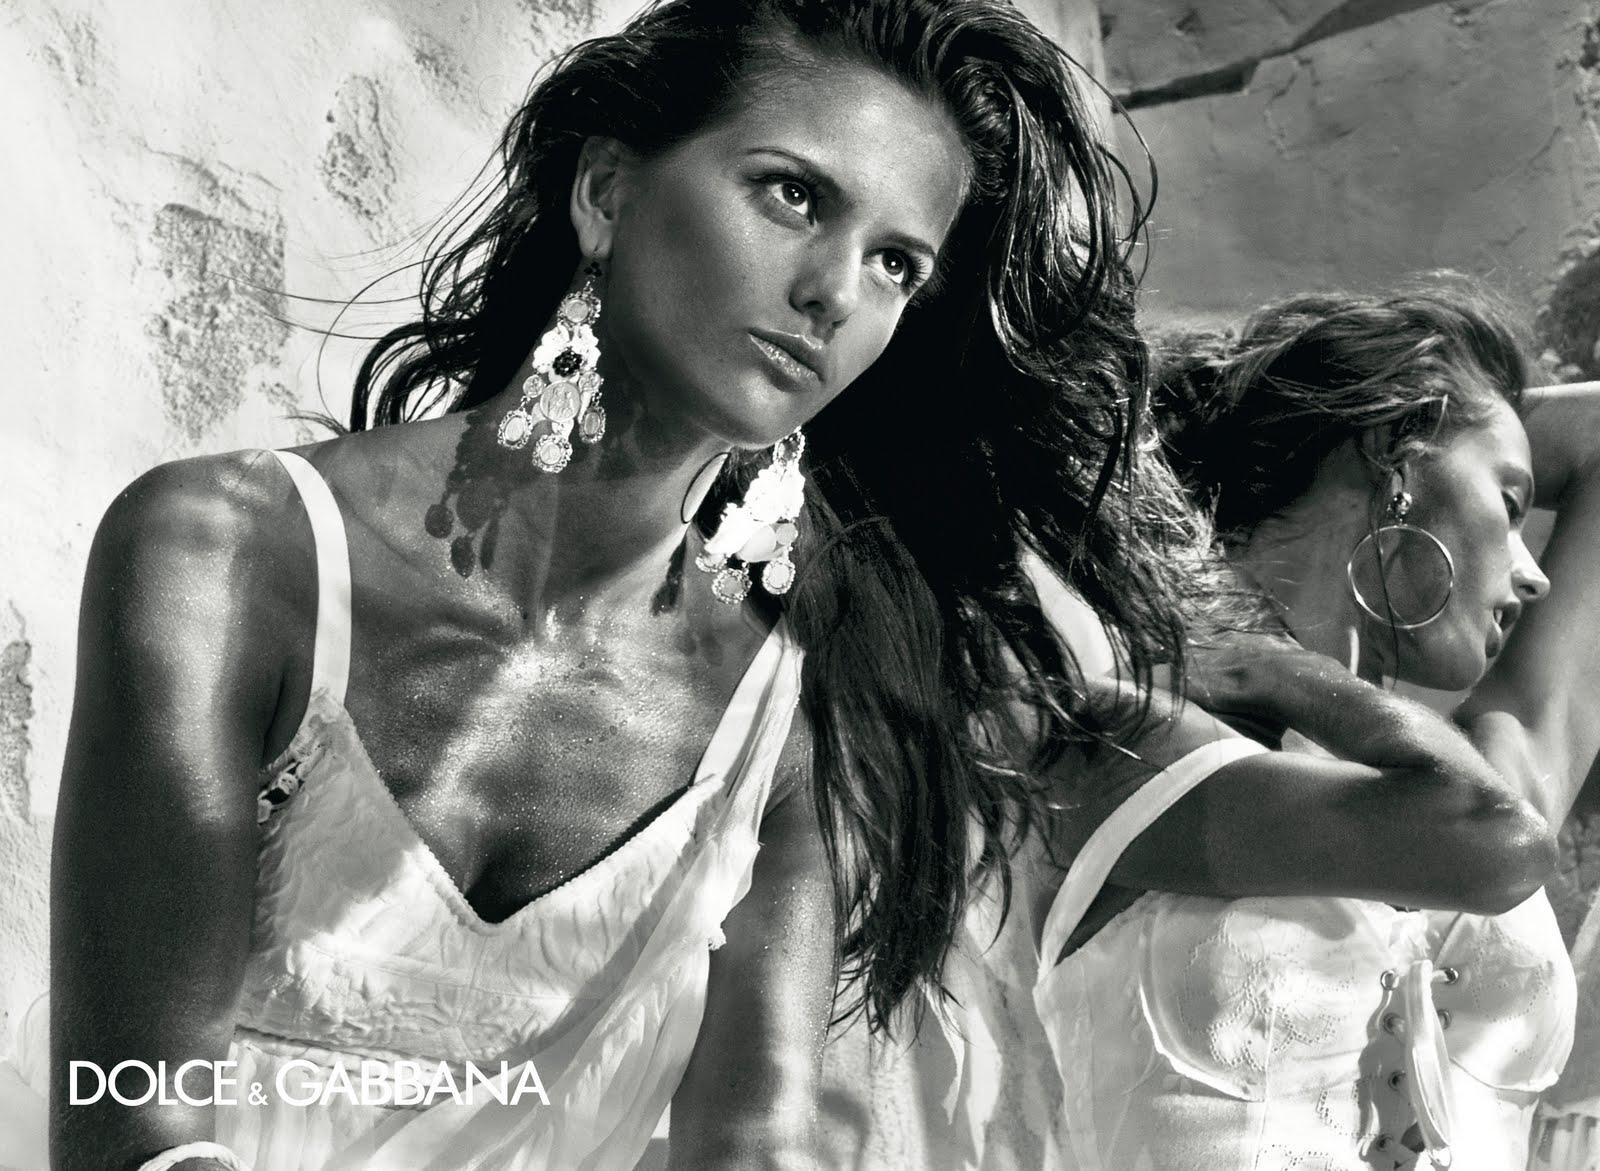 Dolce & Gabbana S/S 11